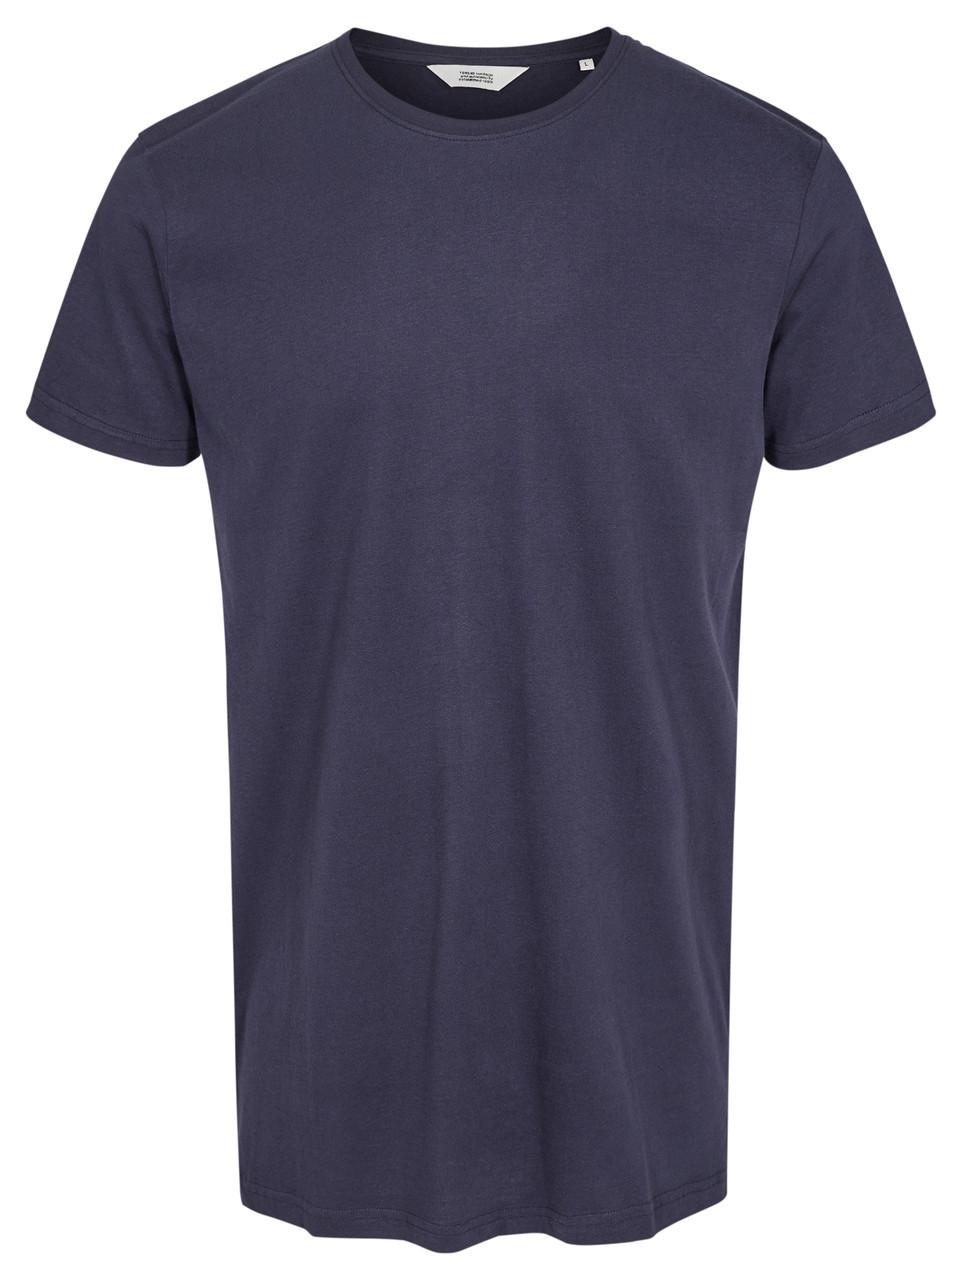 Мужская футболка Anton от !Solid в размере L